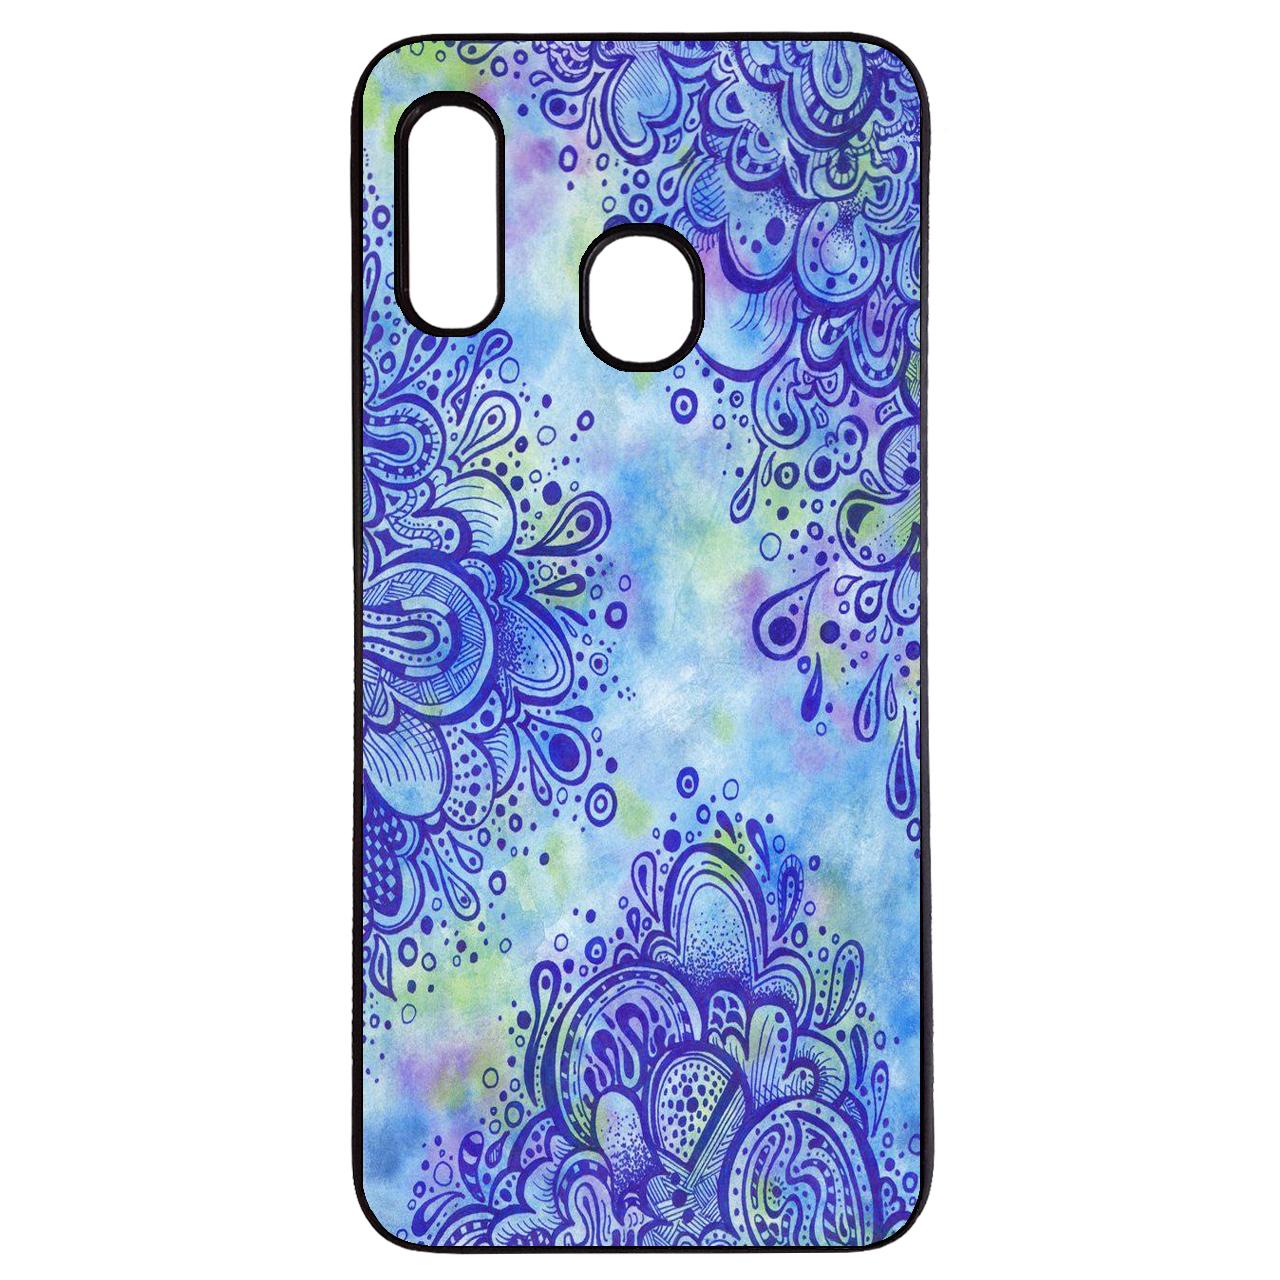 کاور طرح سنتی کد 43211 مناسب برای گوشی موبایل سامسونگ galaxy m30